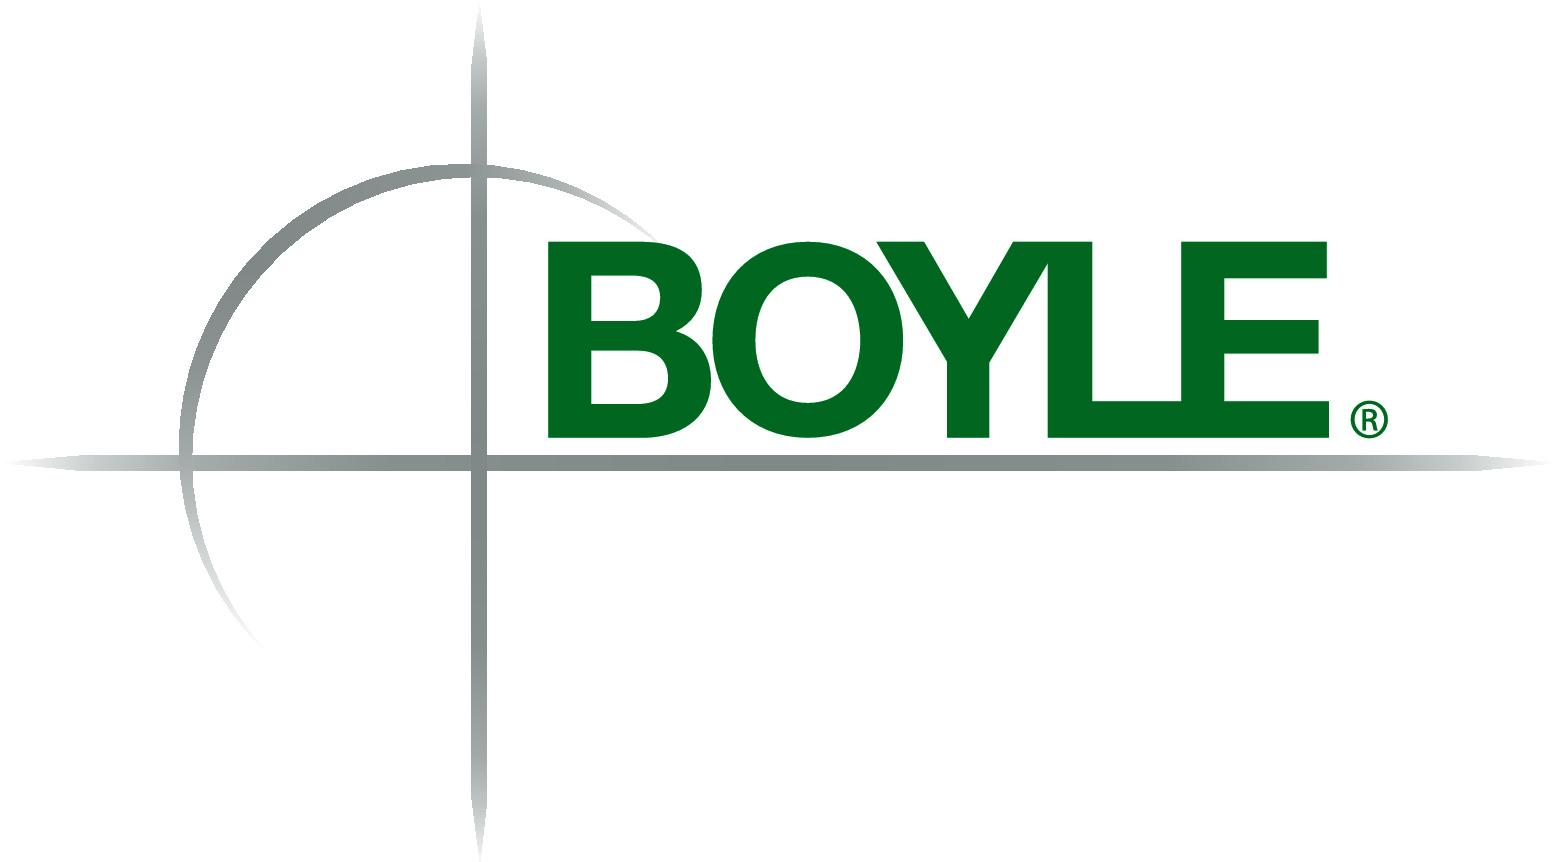 BoyleLogo.jpg